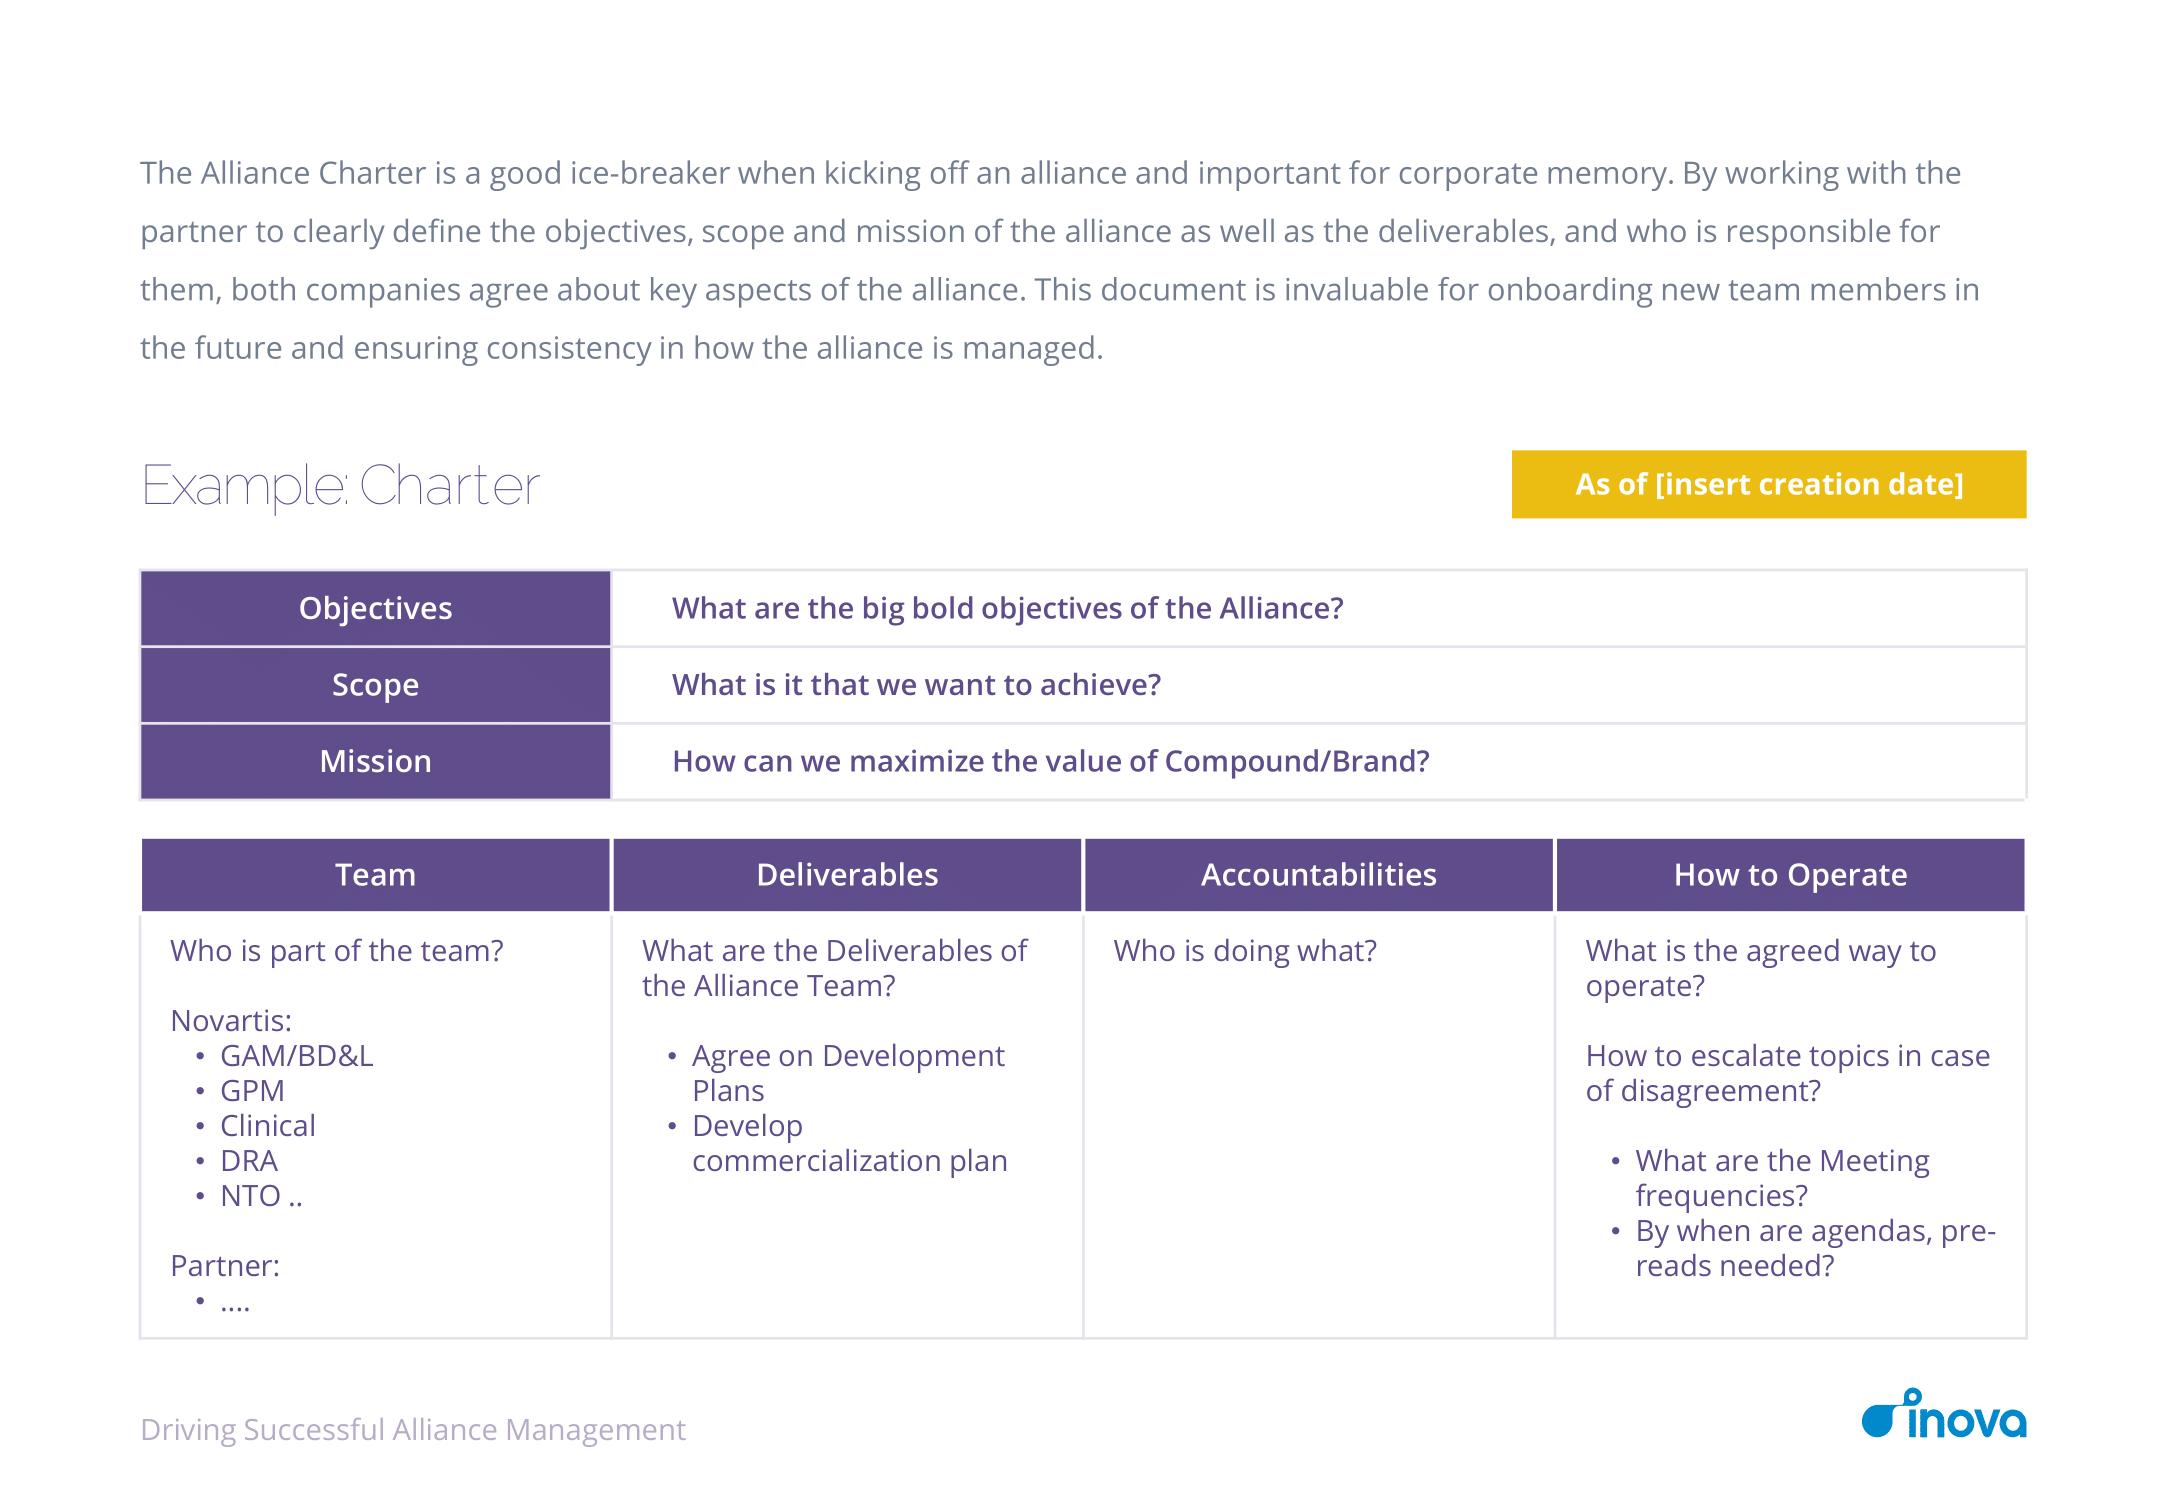 Inova_Alliance Management eBook_final-12